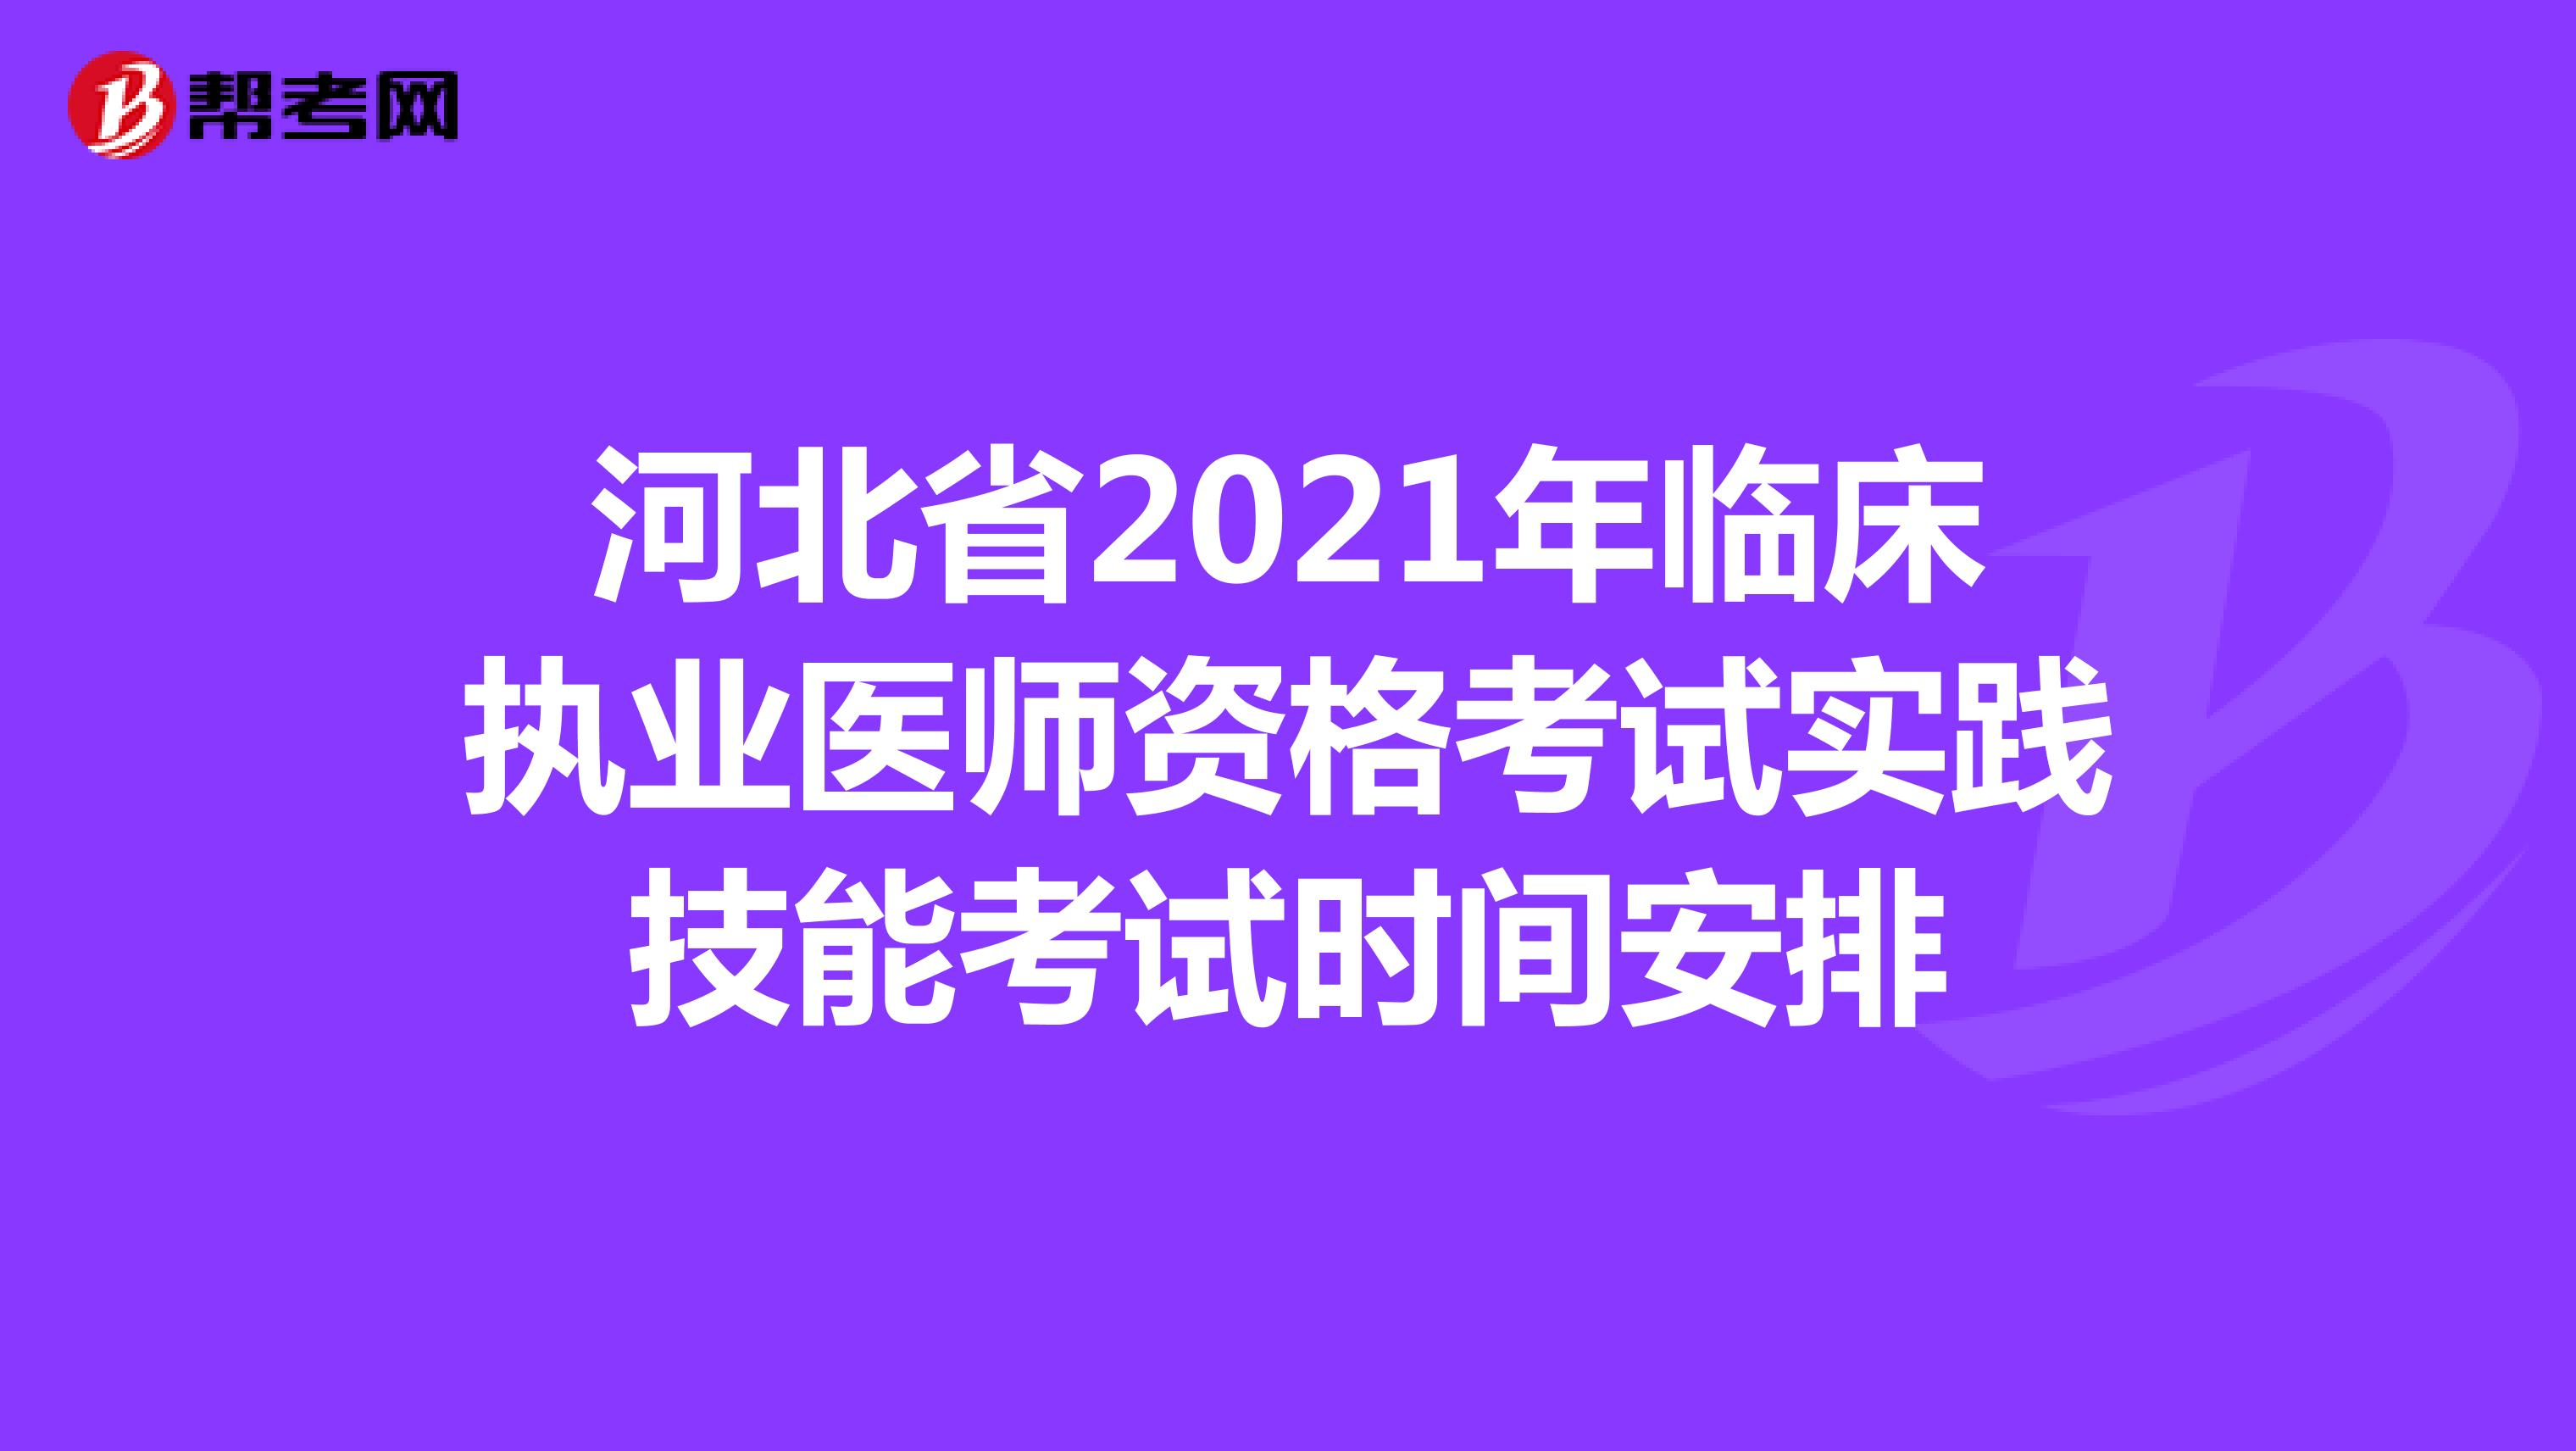 河北省2021年临床执业医师资格考试实践技能考试时间安排